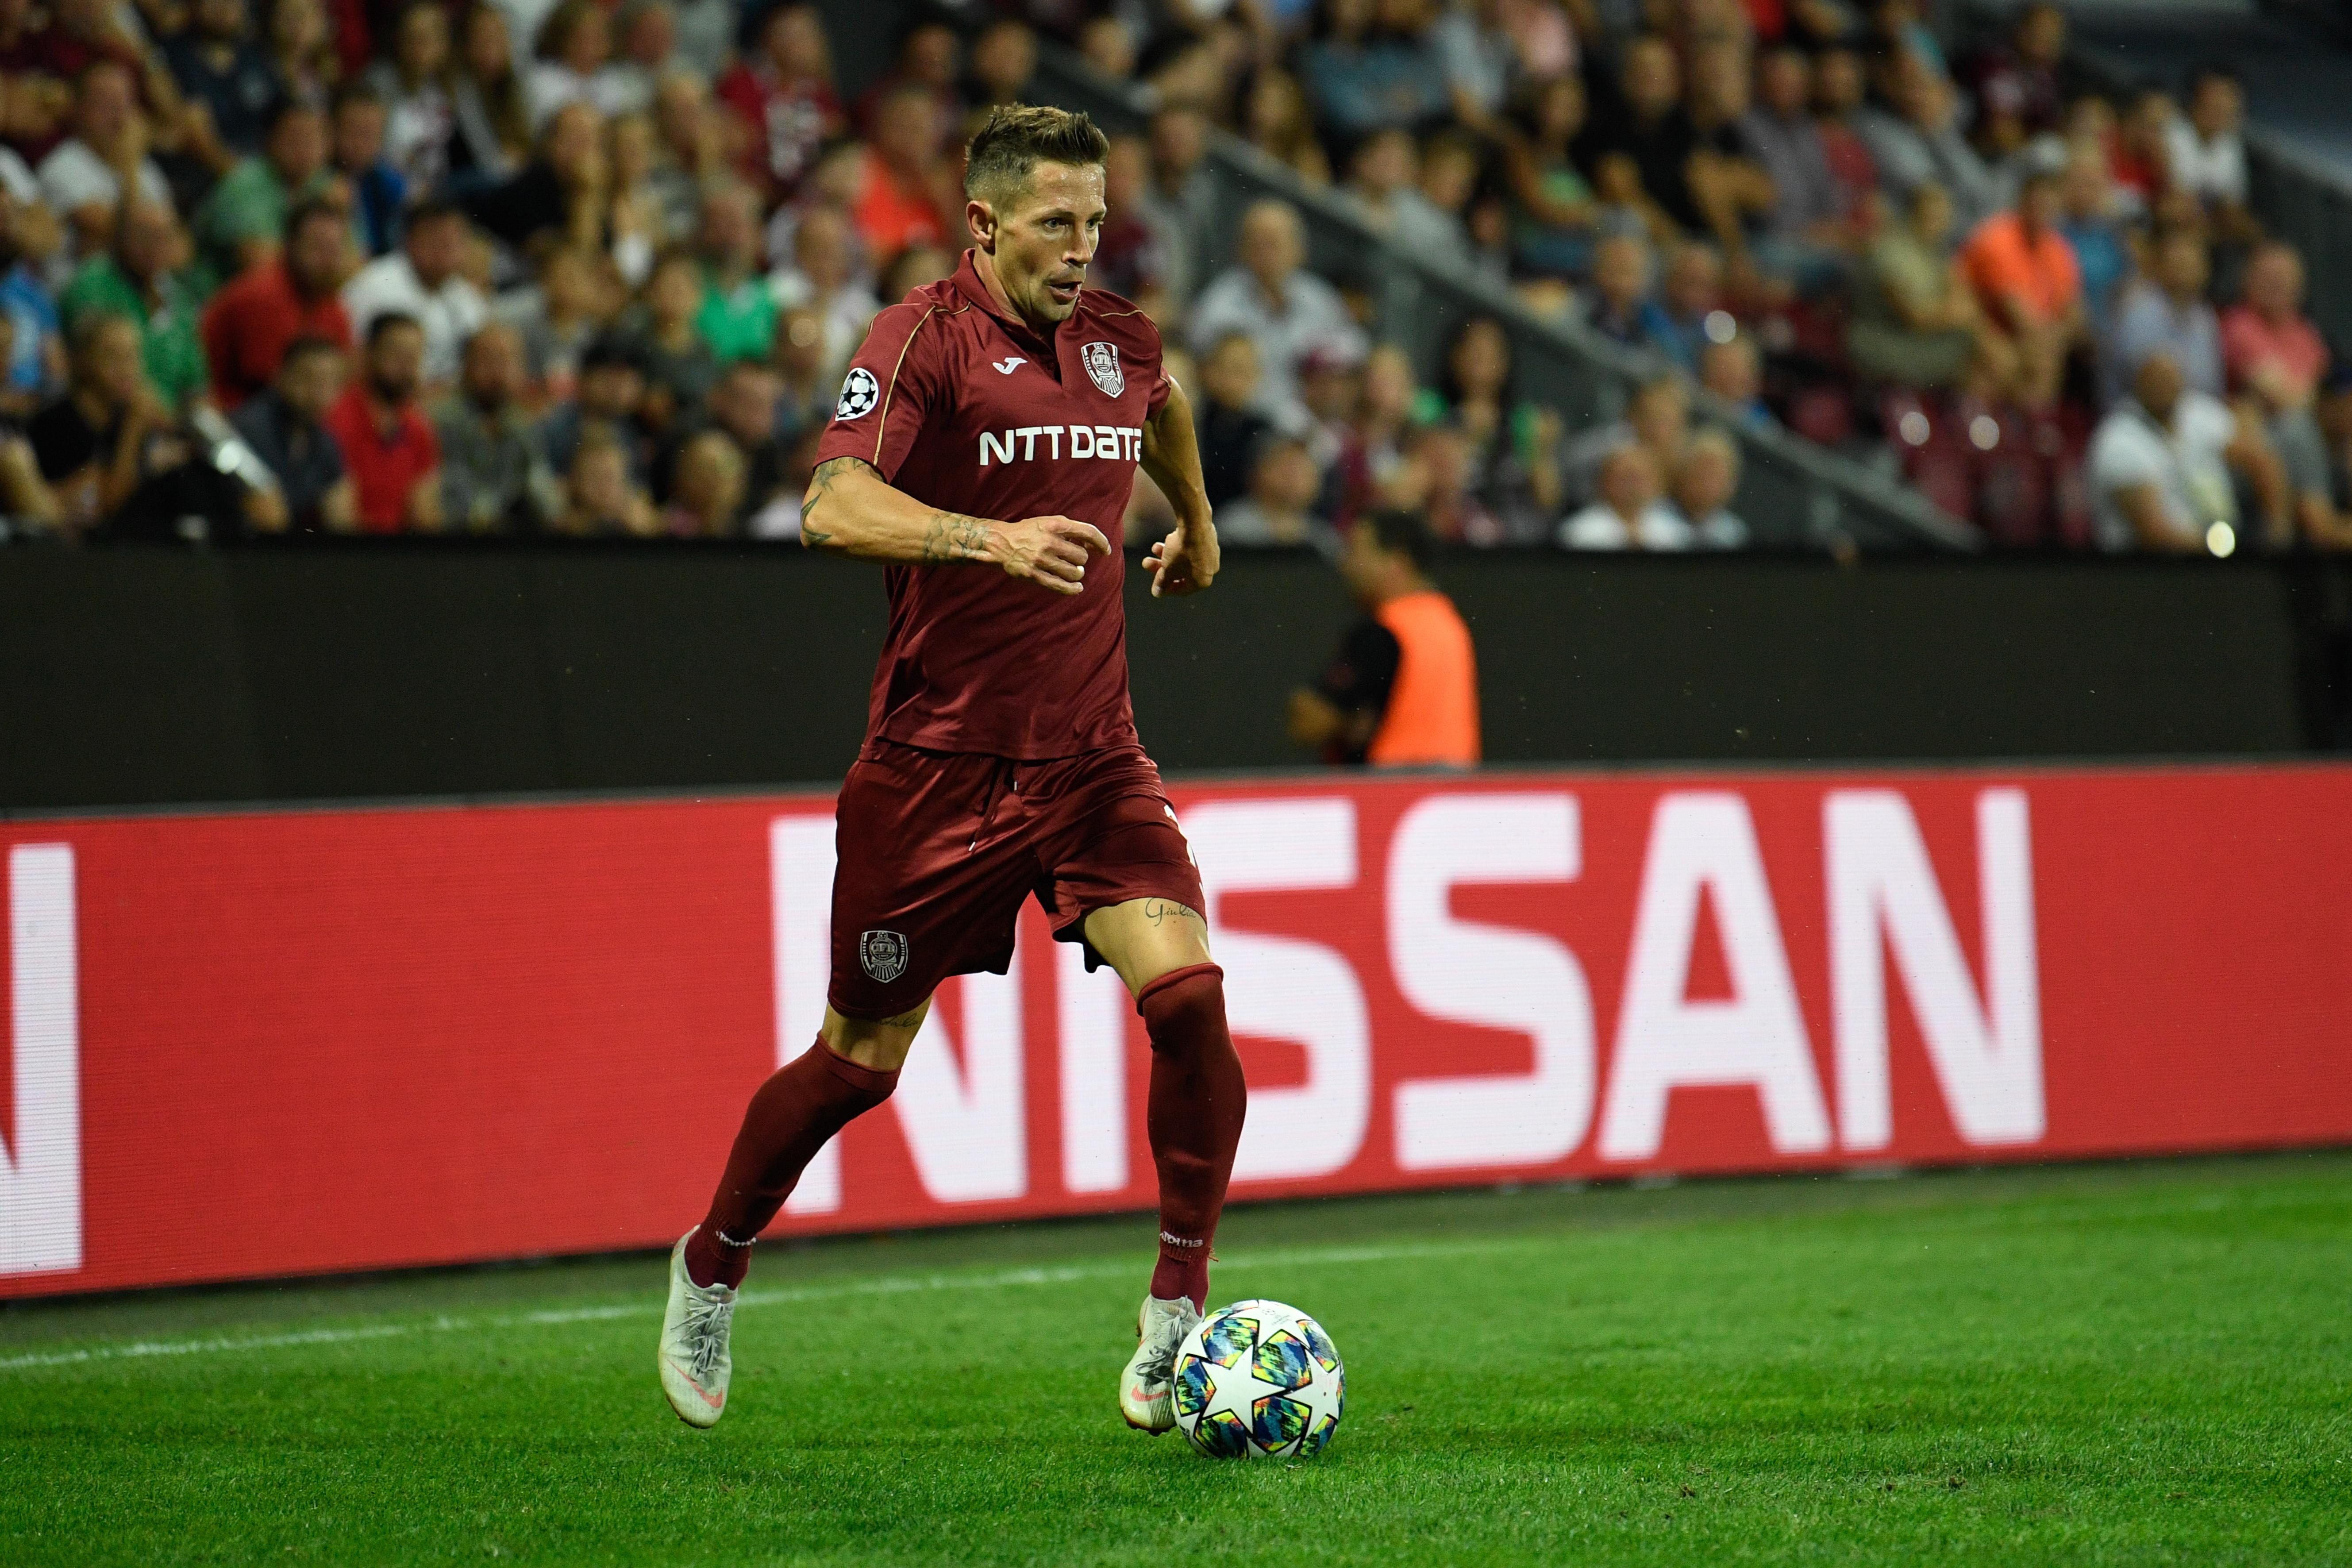 Ciprian Deac în meciul jucat de CFR Cluj în play-off-ul Champions League cu Slavia Praga. Sursă foto: sportpictures.eu